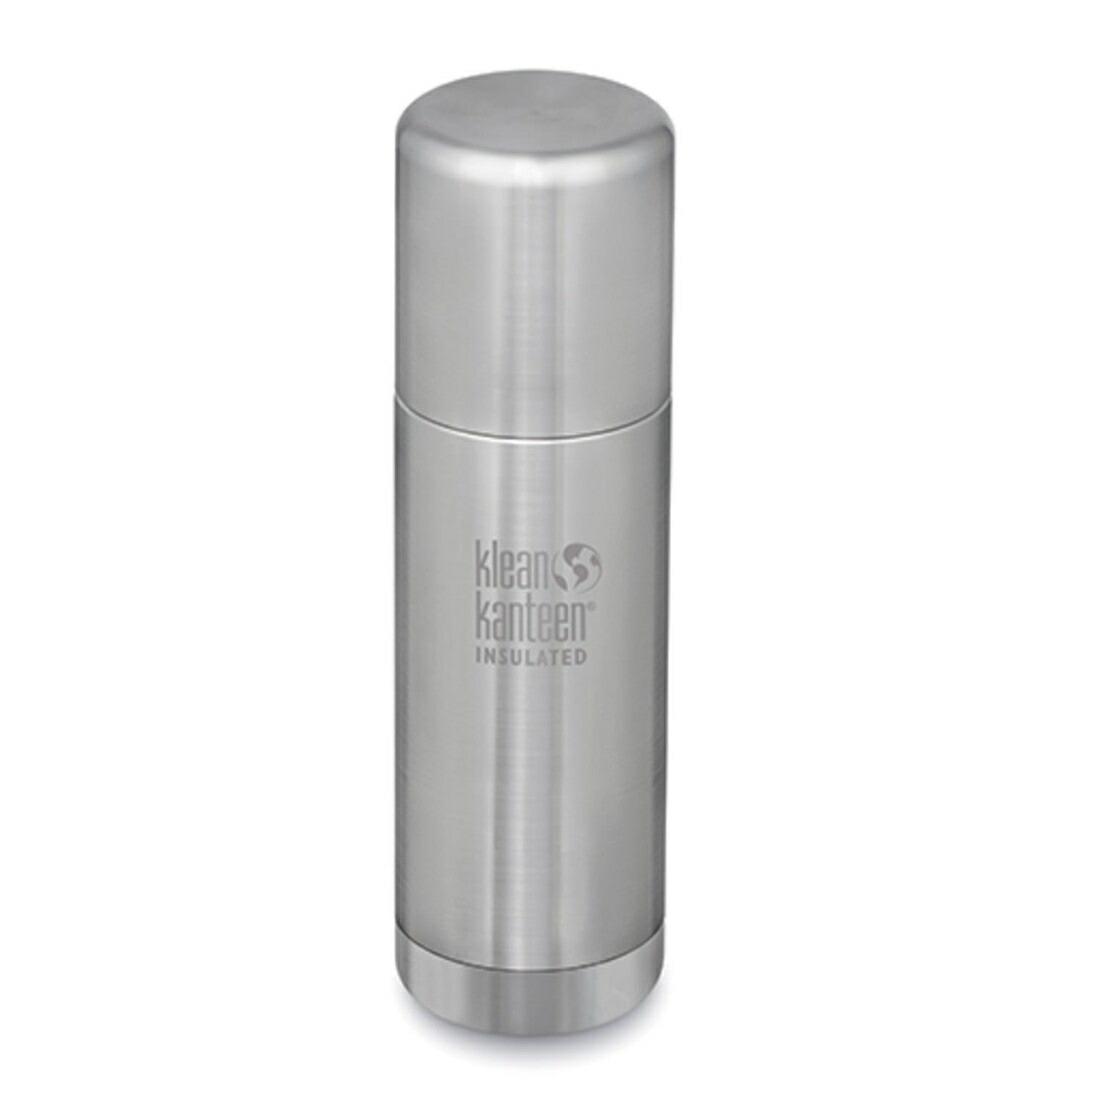 クリーンカンティーン TKPro 0.5L 保冷保温ボトル水筒 500ml 保温 コップ付き マグボトル TKプロ  国内正規品